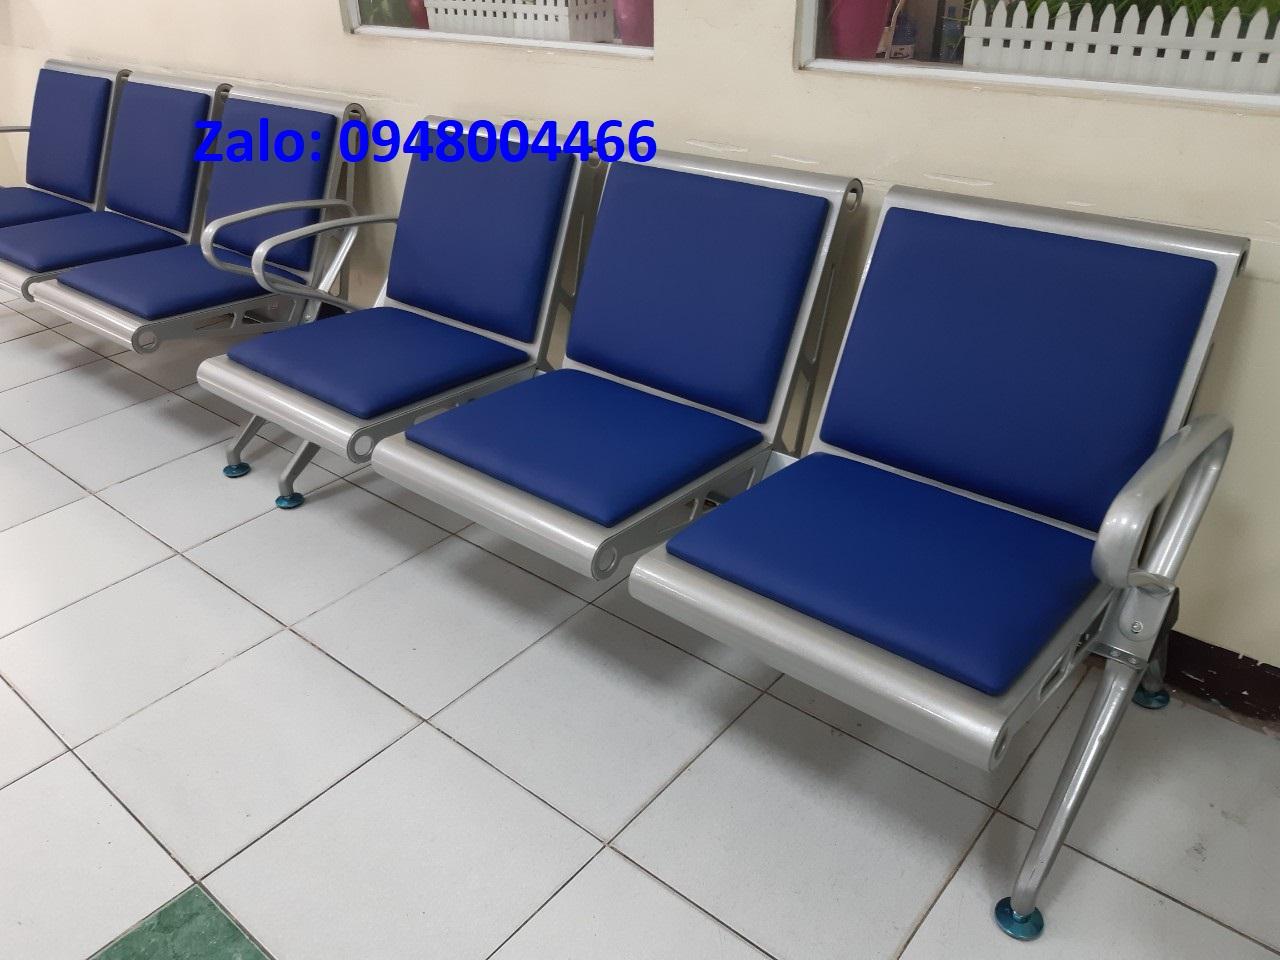 Ghế băng chờ bọc nệm tg3803x